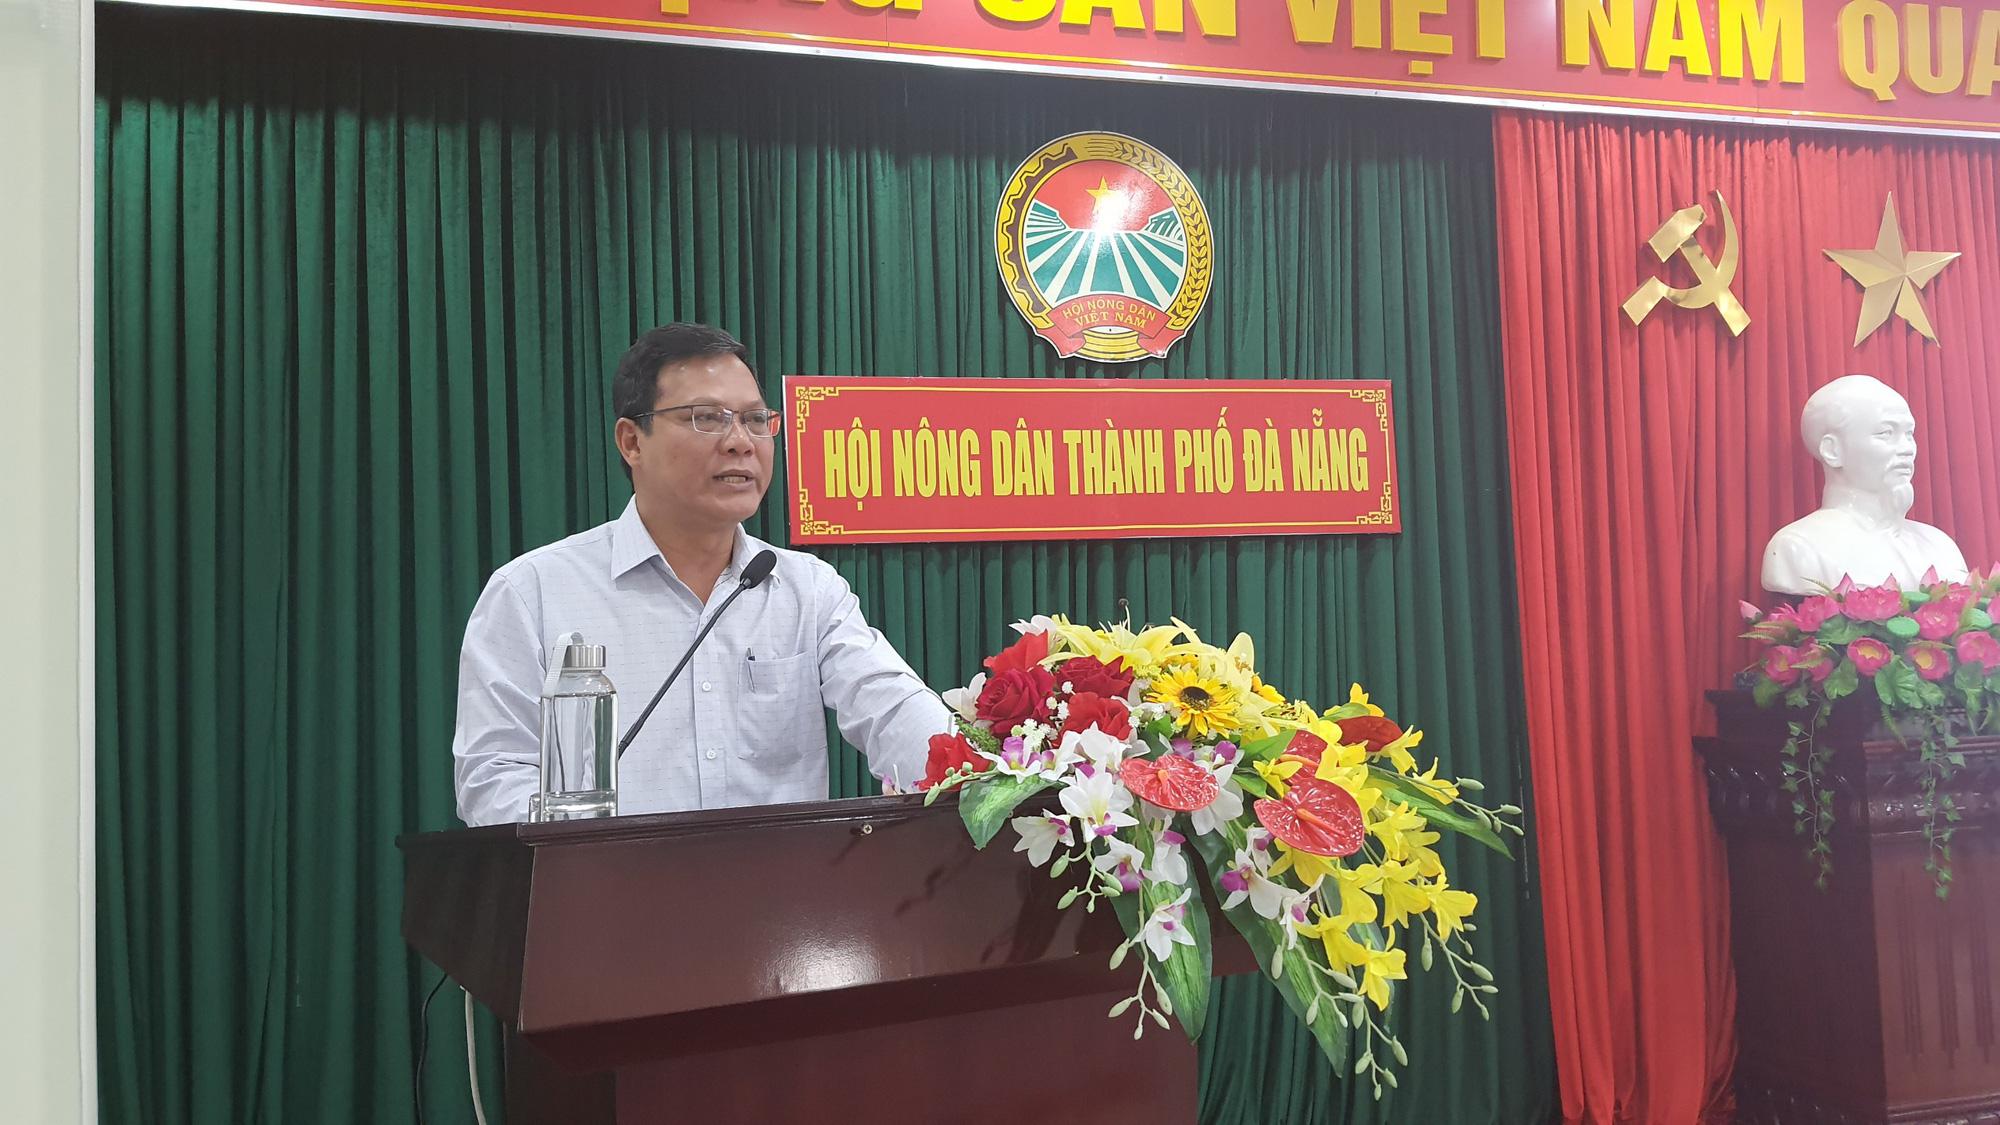 Hội Nông dân Đà Nẵng: Tổ chức triển khai Hội nghị tập huấn tuyên truyền, phổ biến pháp luật về bầu cử  - Ảnh 1.